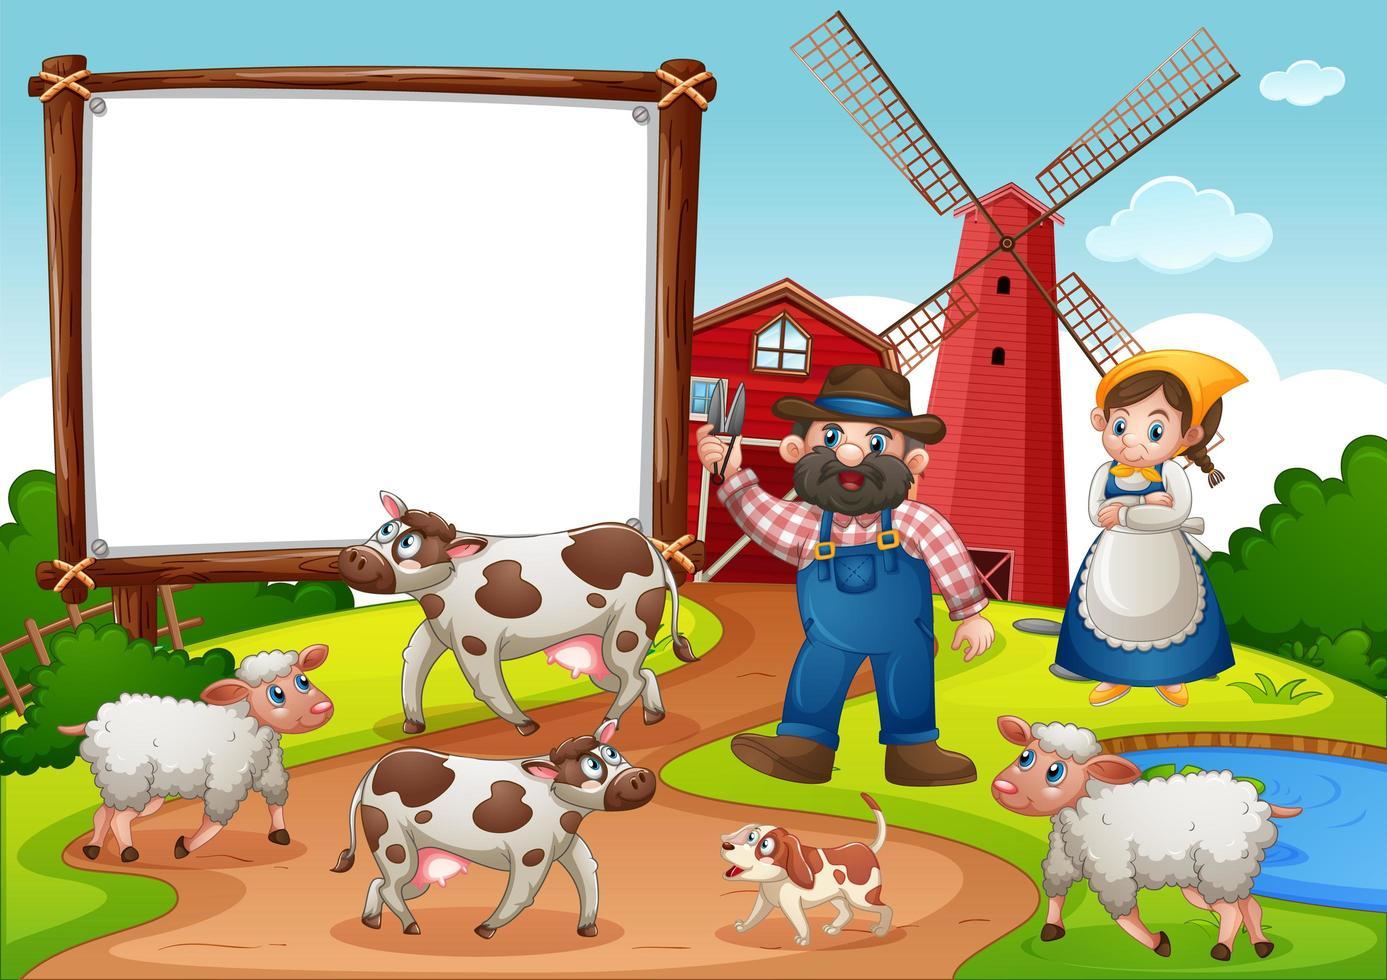 cartel de banner en blanco en la escena de la granja vector